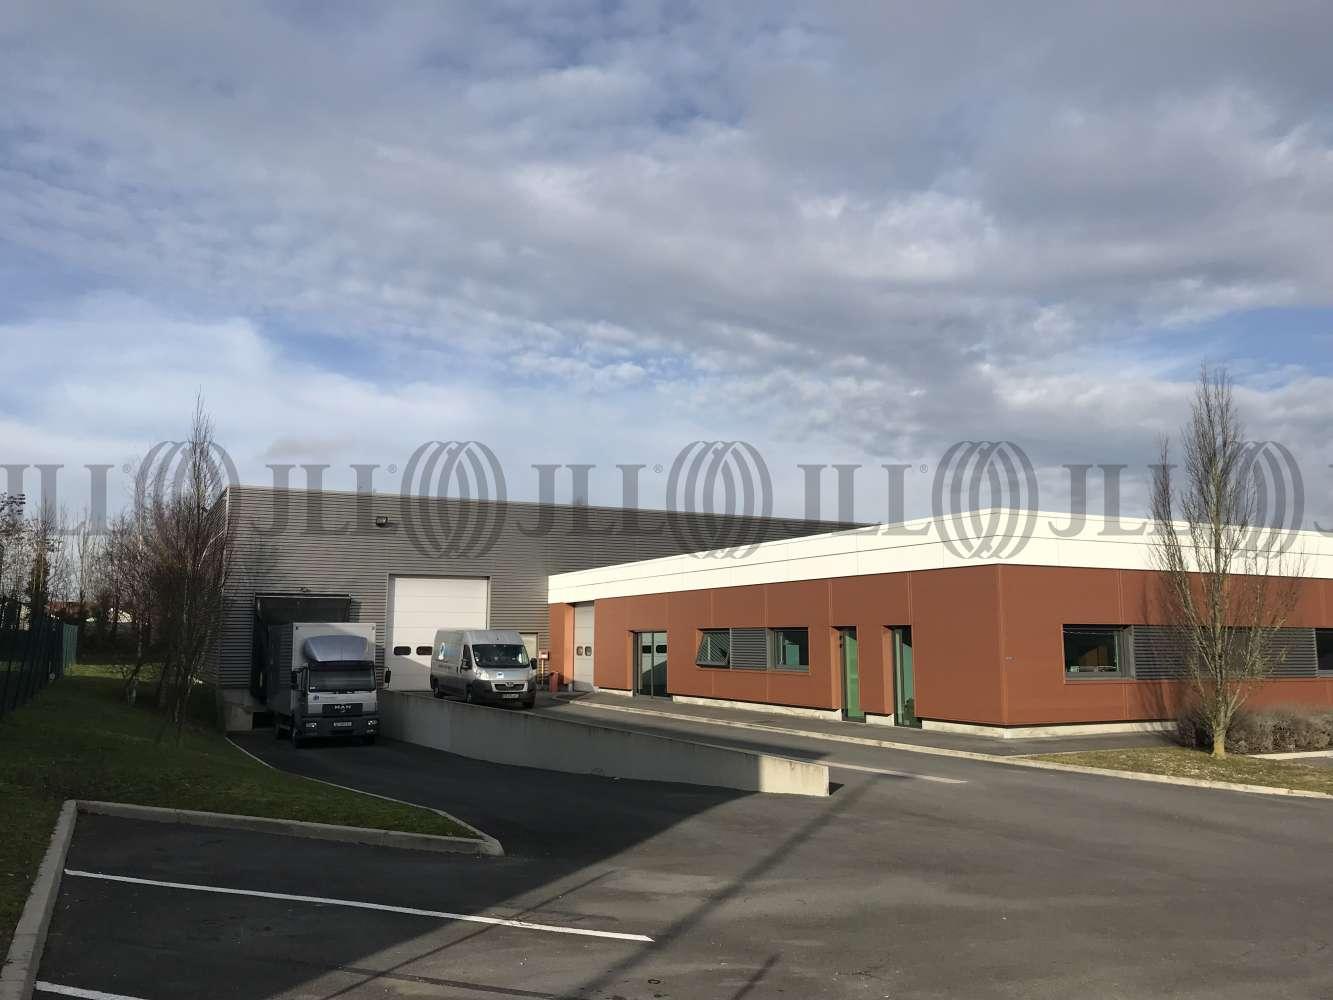 Activités/entrepôt Witry les reims, 51420 - 6 RUE RAYET LINÉNART